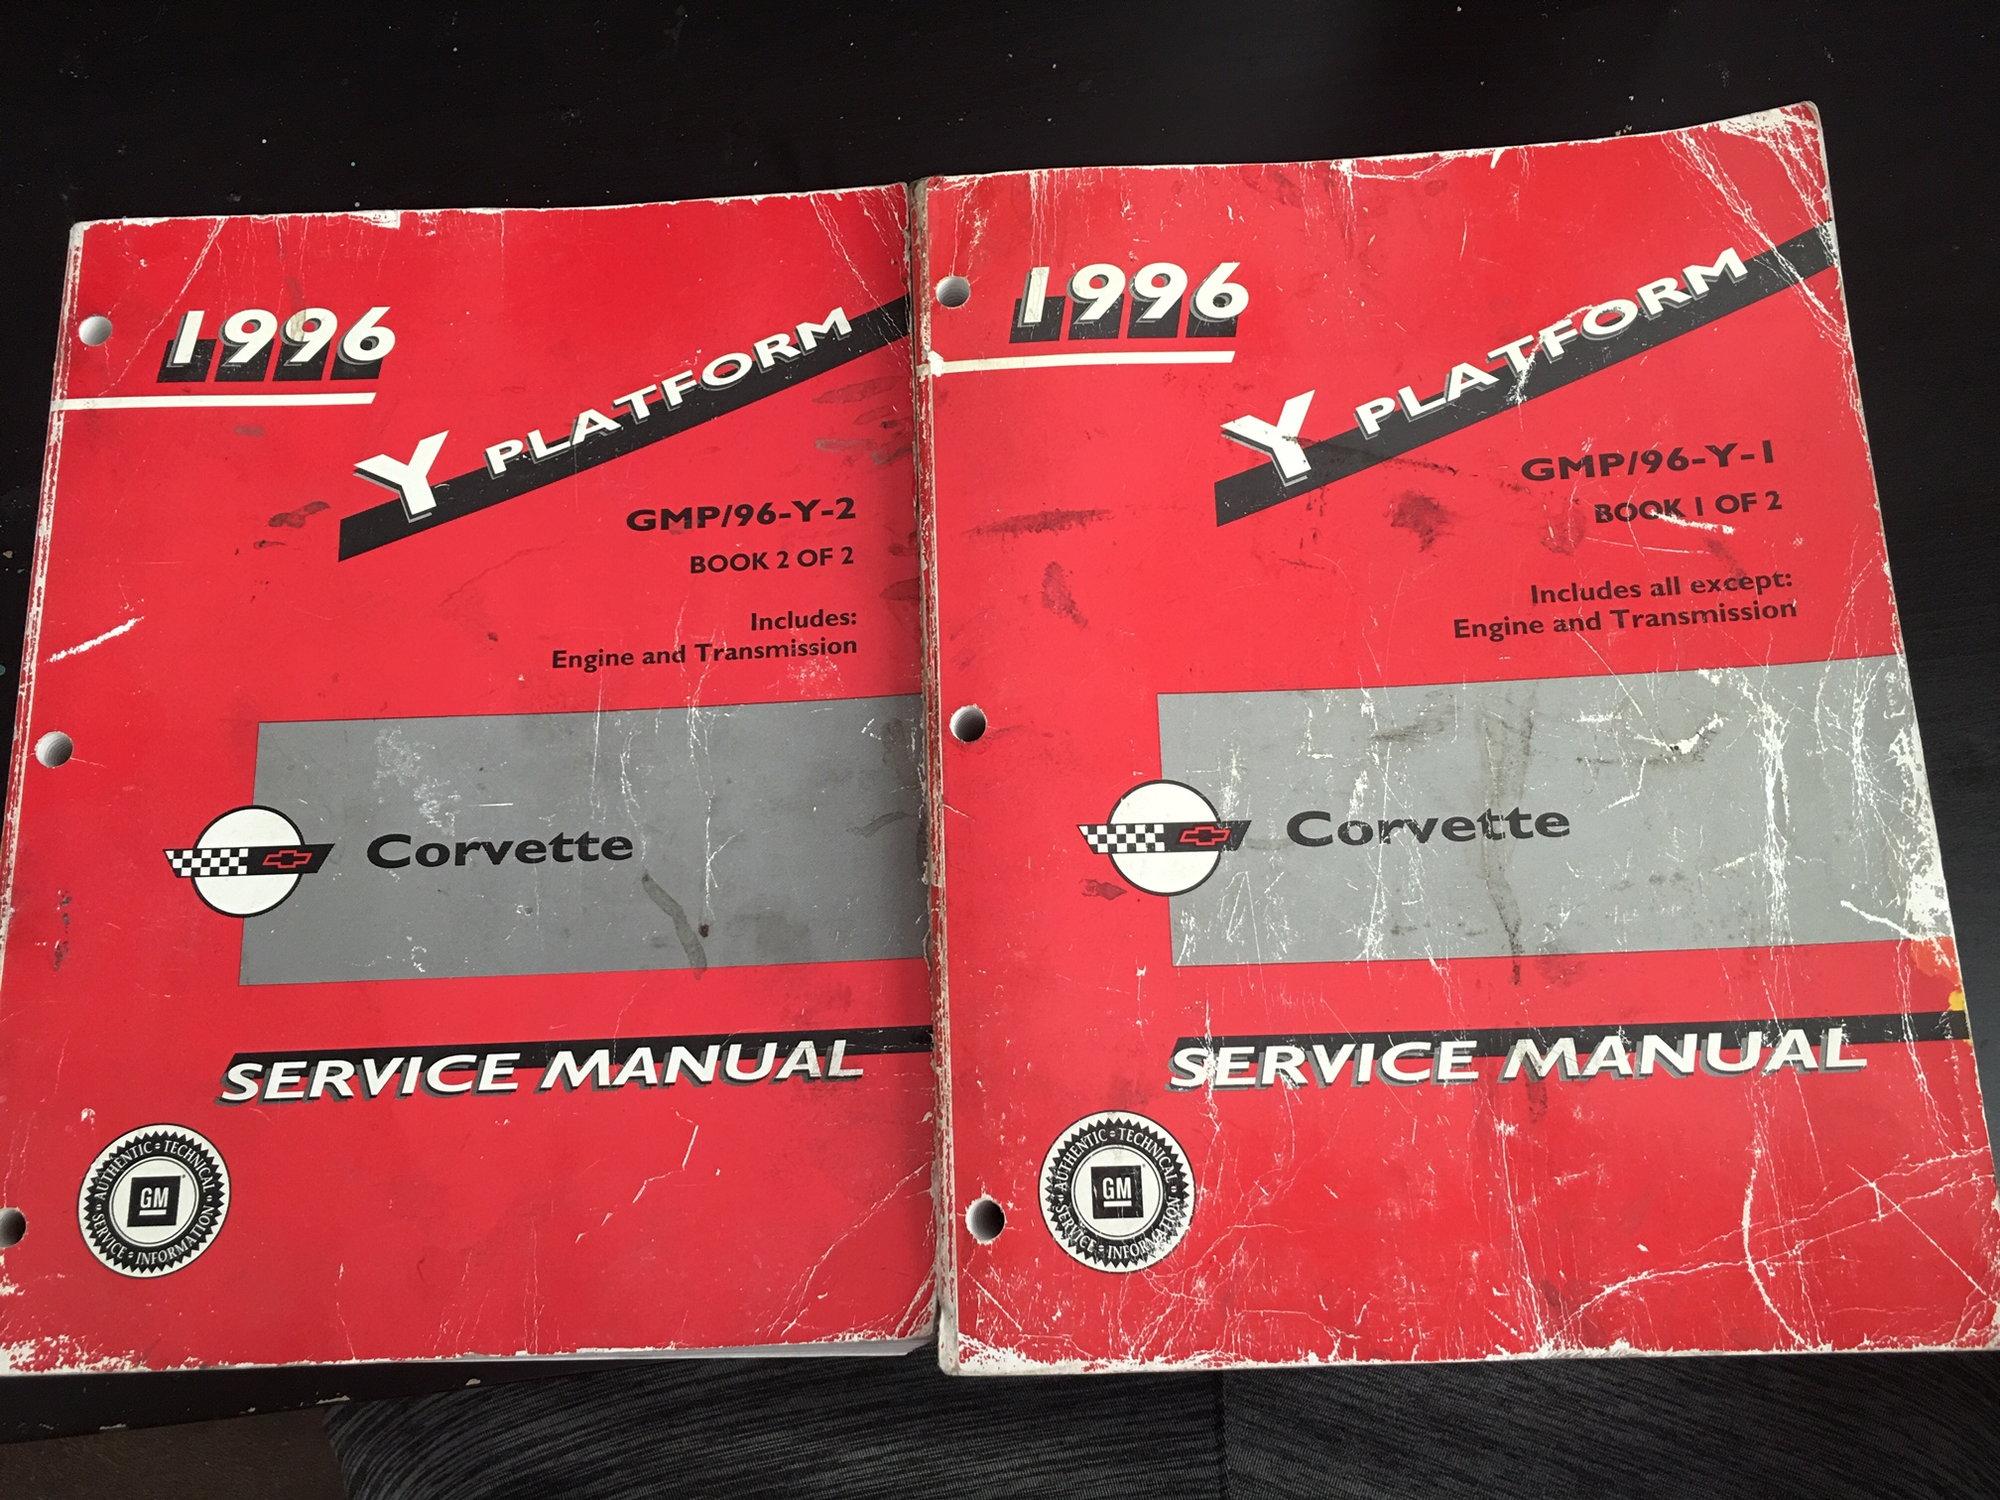 Fs  For Sale  1996 Gm Factory Repair Manual  2 Book Set